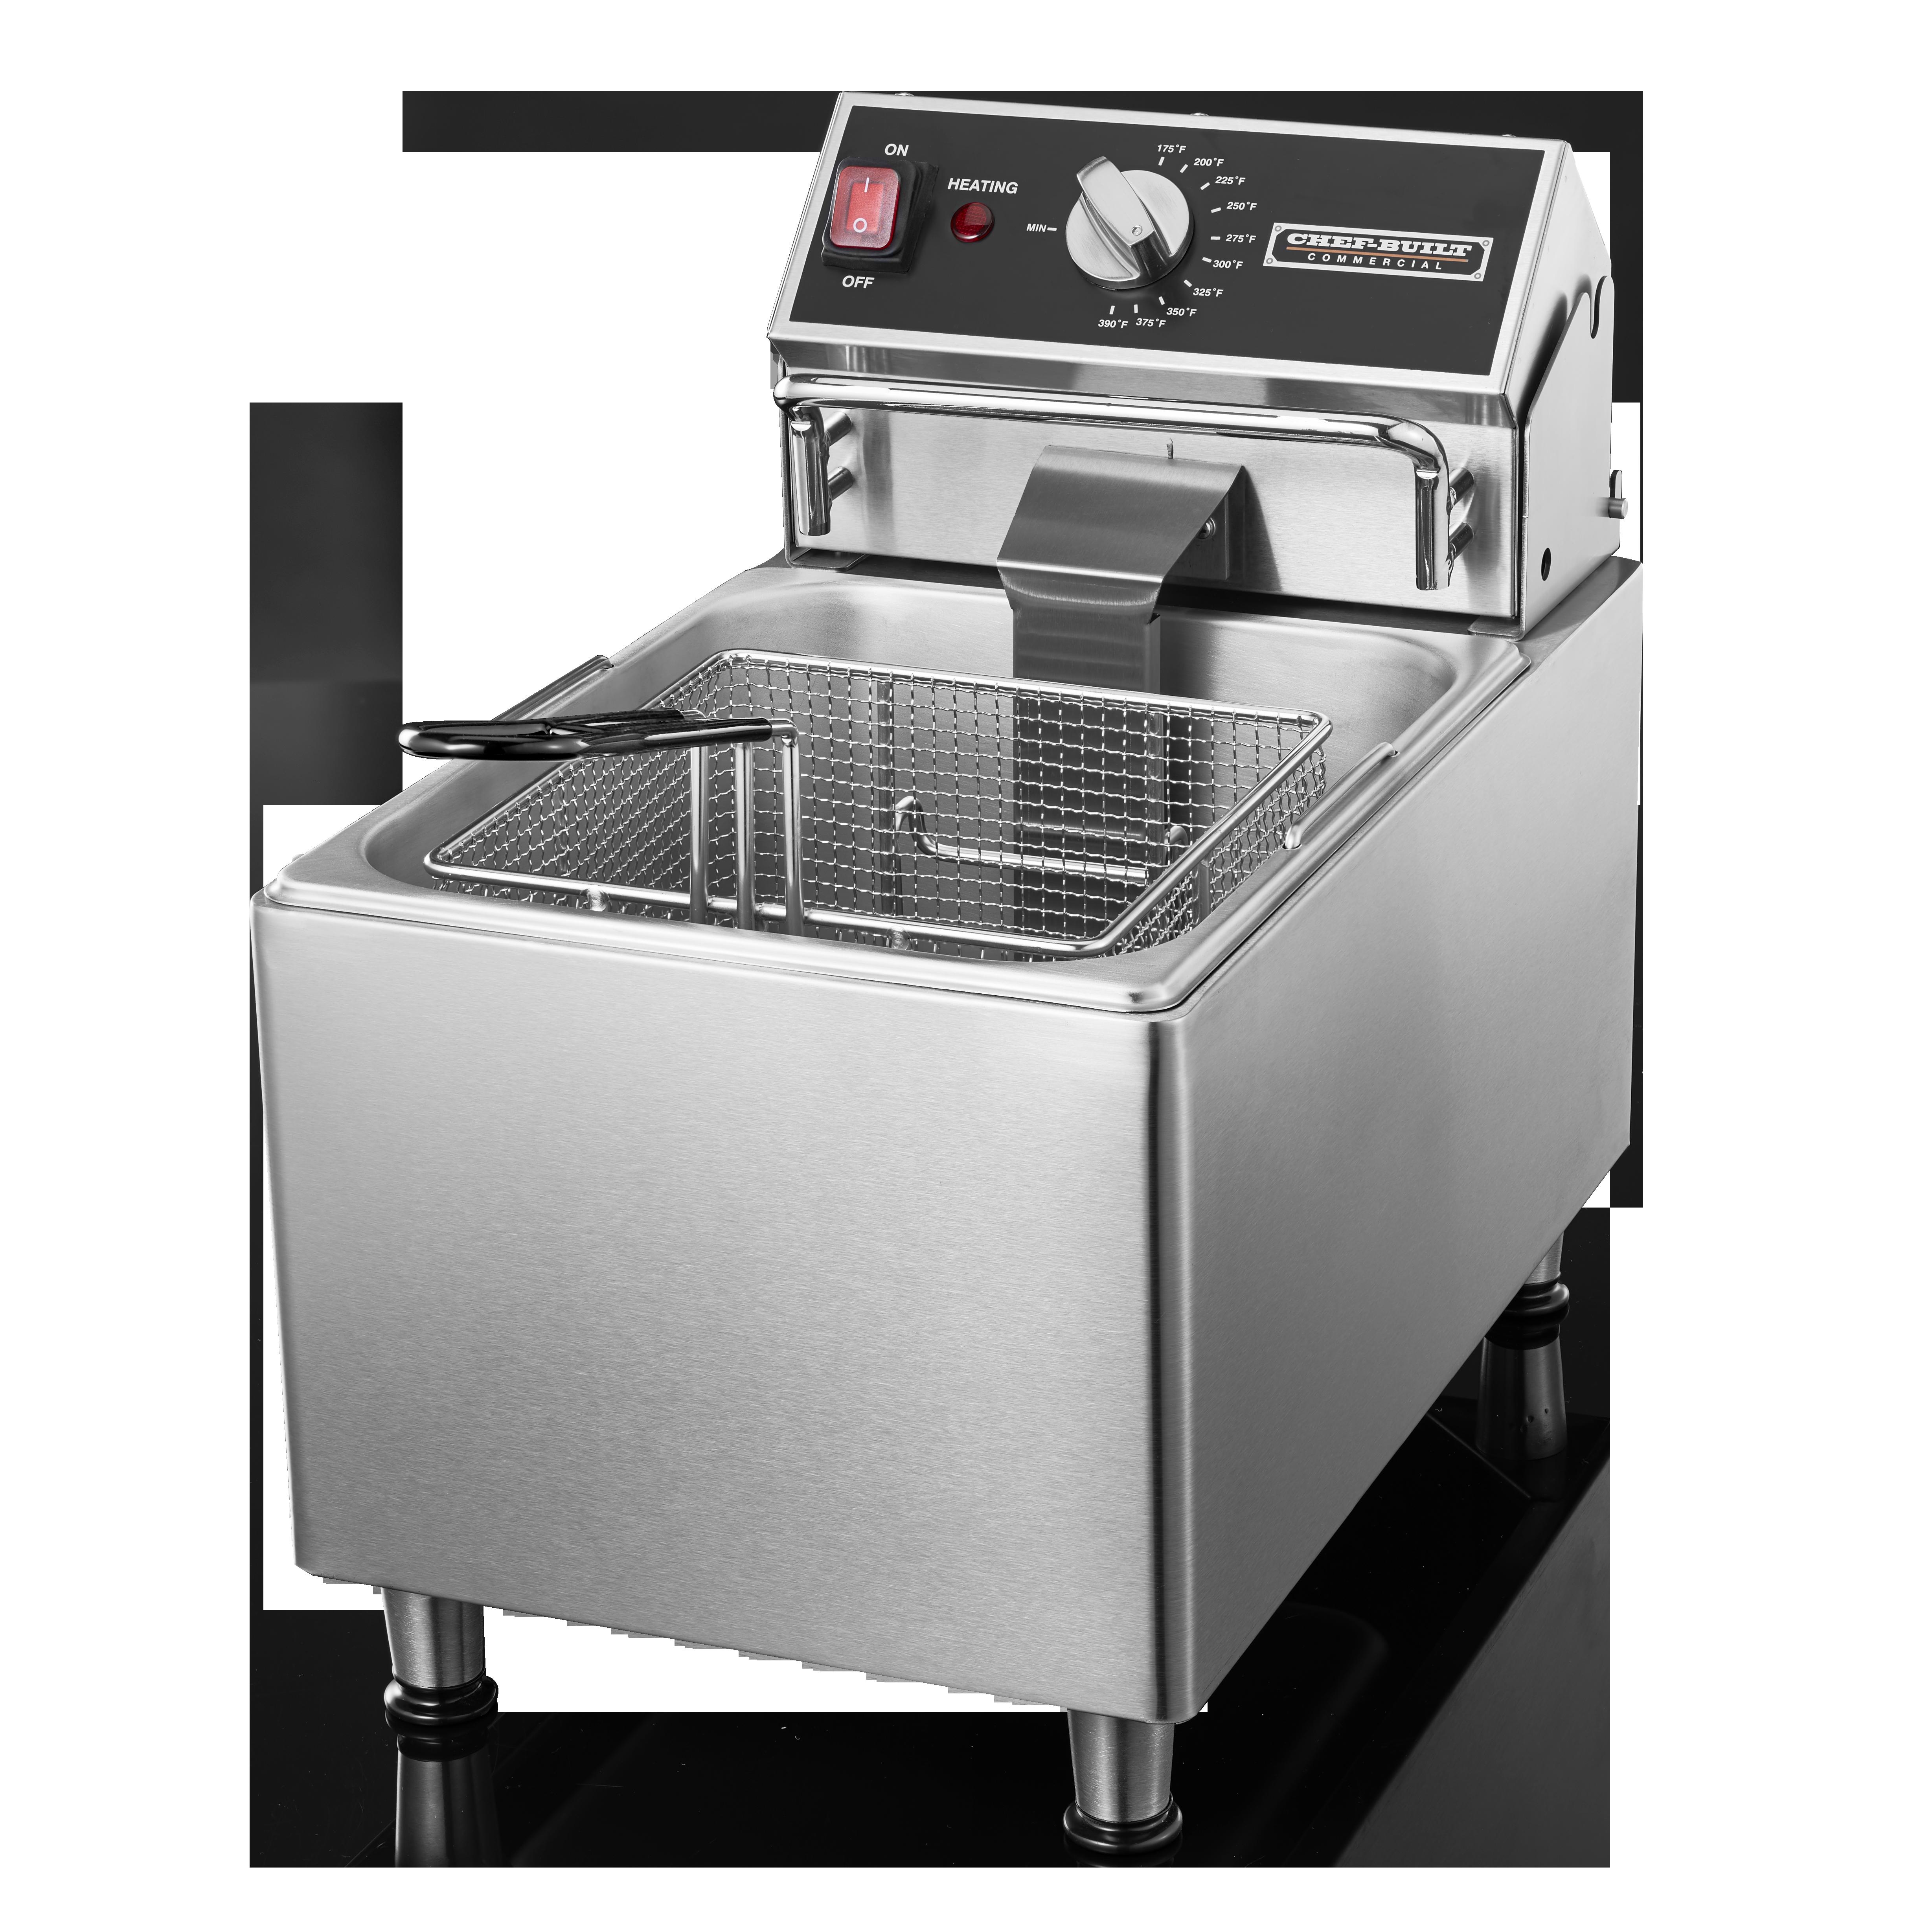 CHEF-BUILT 15lb Deep Fryer CF-15 | Chef-Built